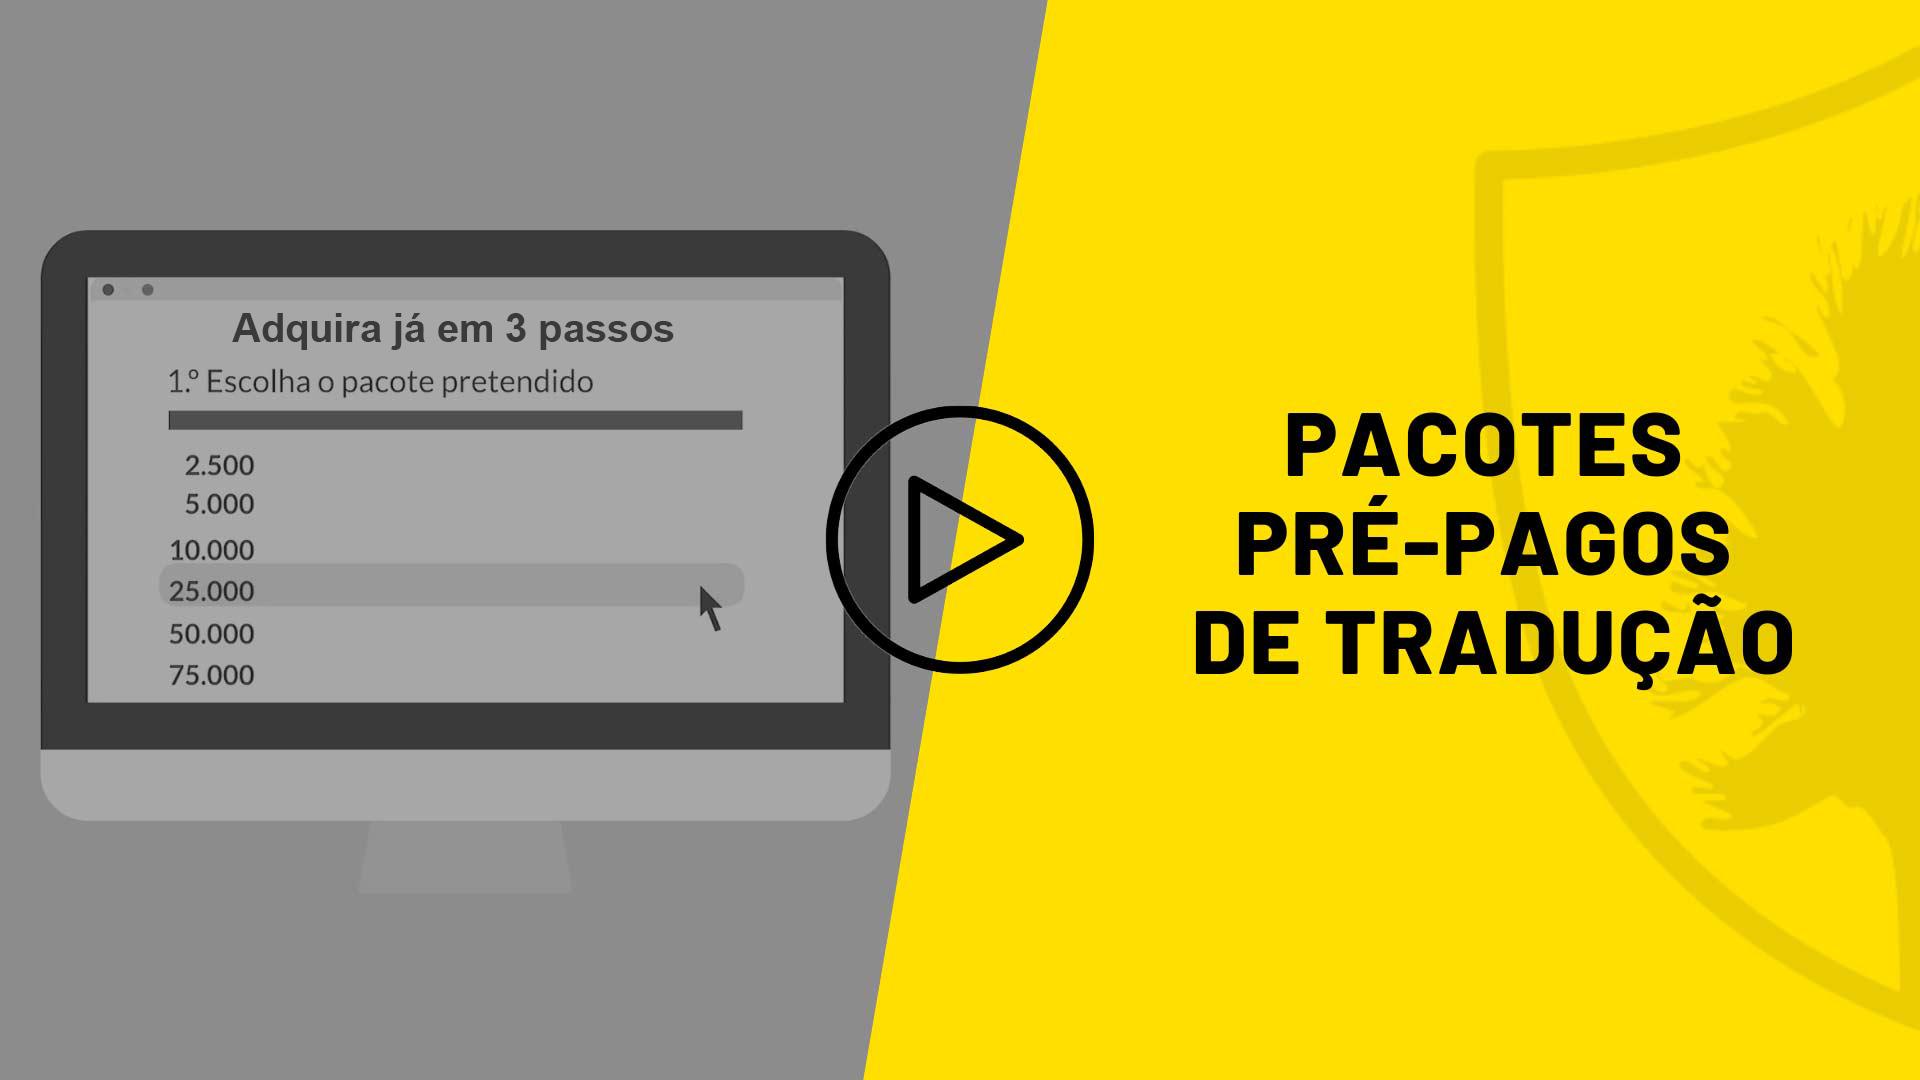 AP Portugal - Pacotes Pré-Págos de Tradução_legendas PT - Abia Digital